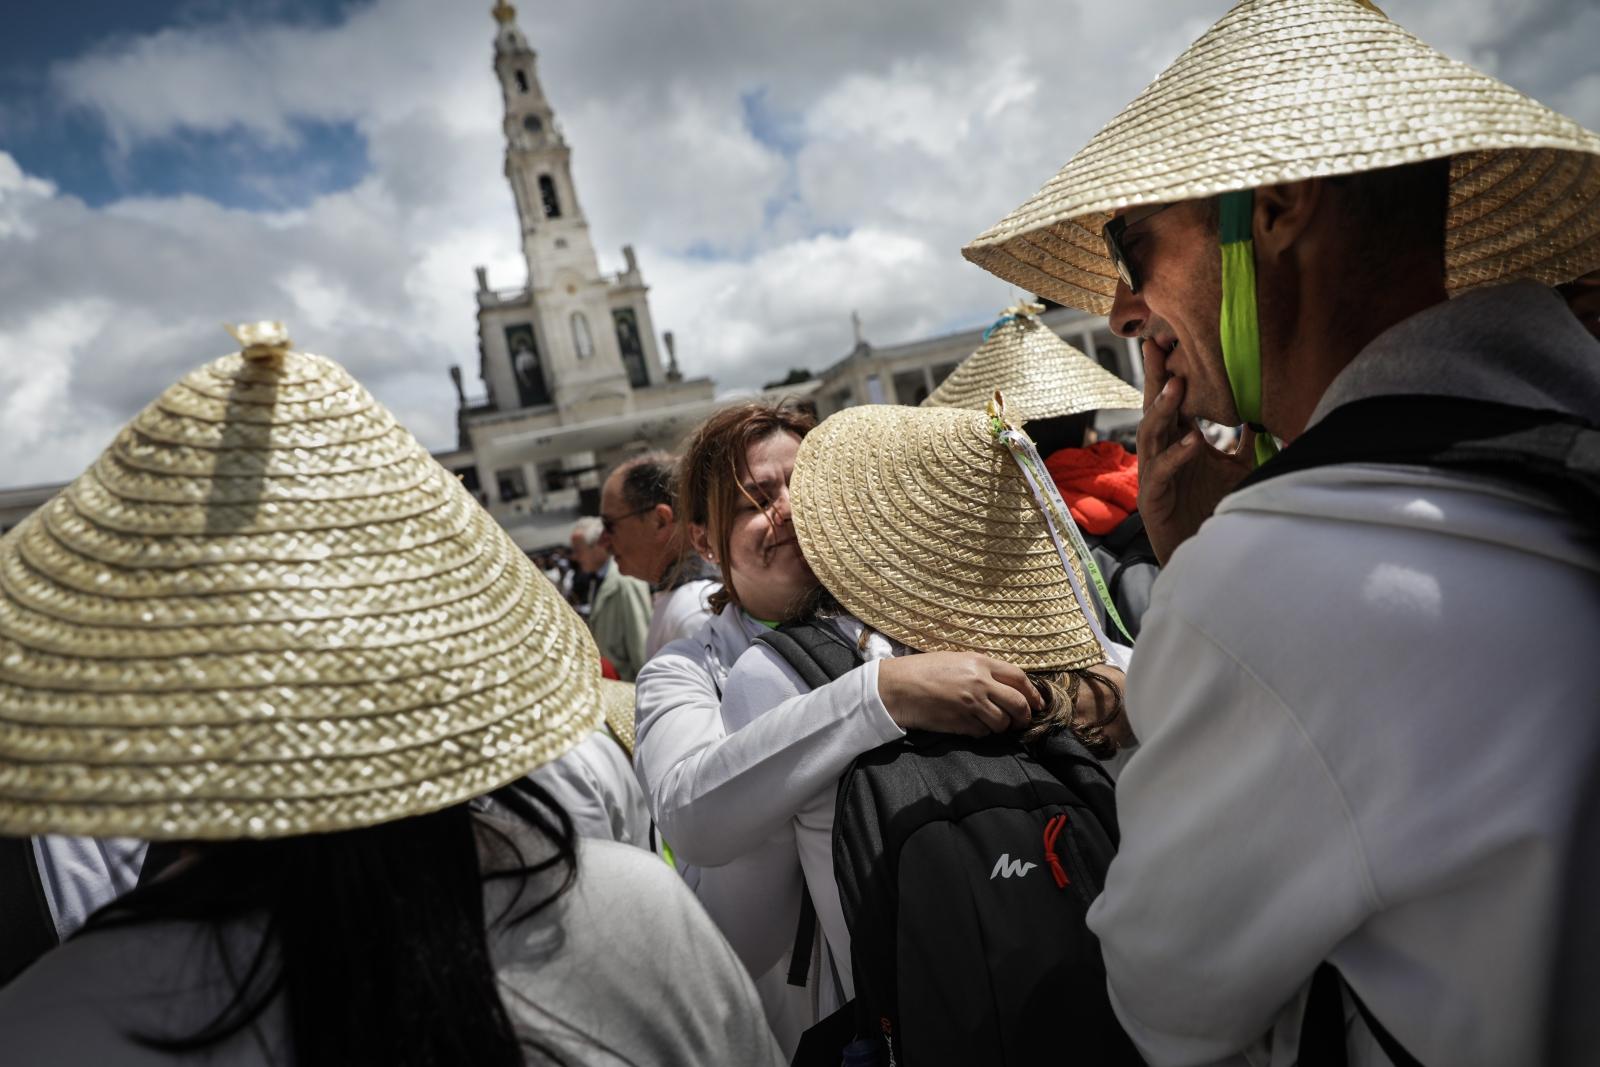 Pielgrzymi w Fatimie. fot. EPA/MÁRIO CRUZ